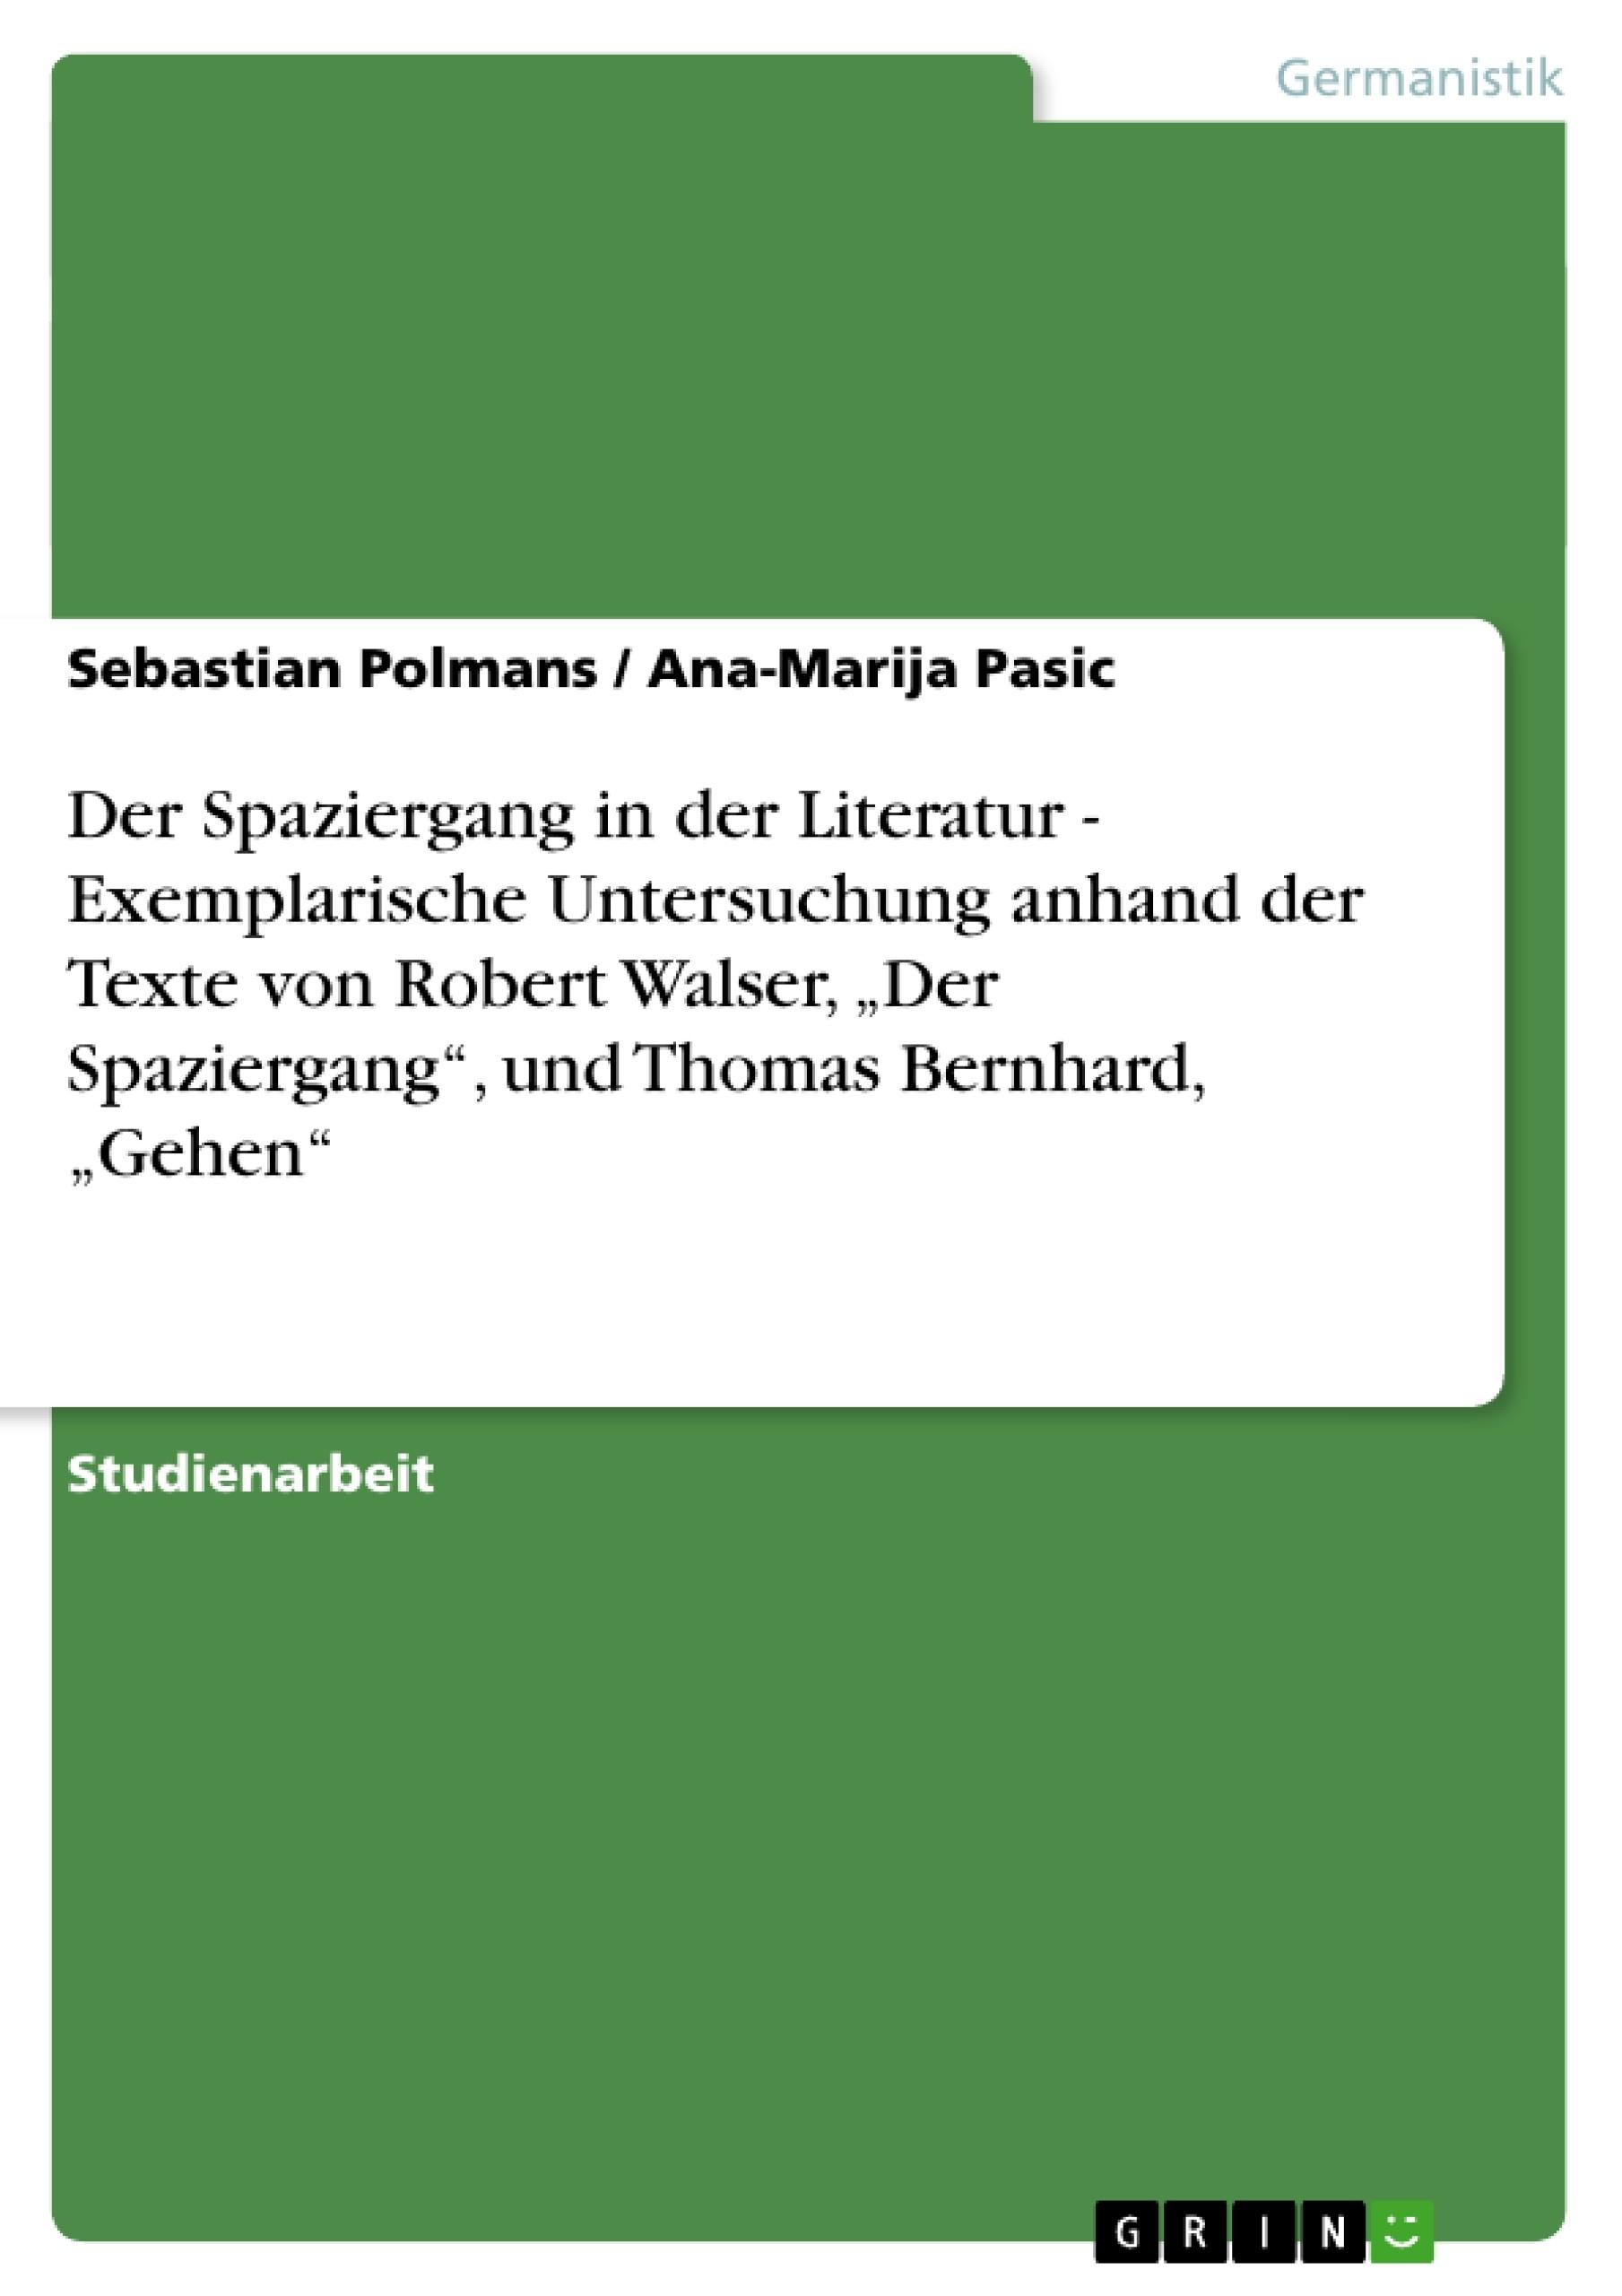 """Titel: Der Spaziergang in der Literatur  -  Exemplarische Untersuchung anhand der Texte von Robert Walser, """"Der Spaziergang"""", und Thomas Bernhard, """"Gehen"""""""